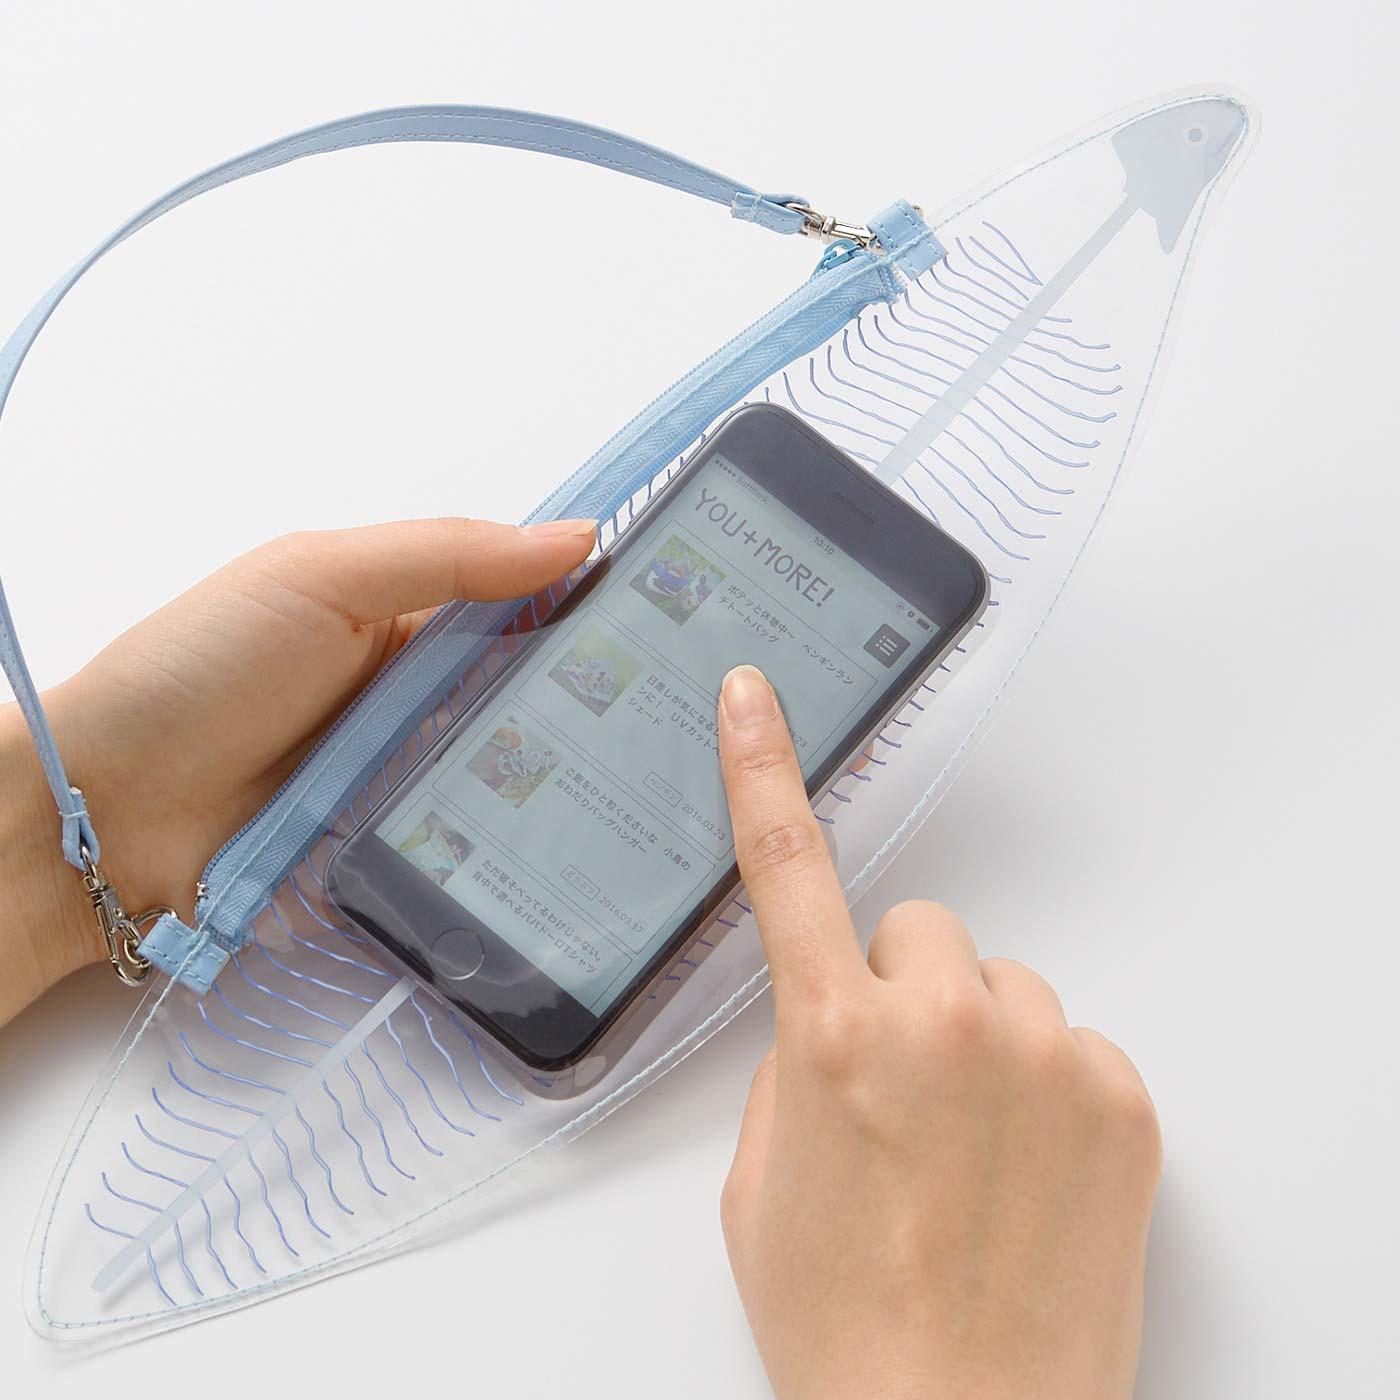 スマートフォンを入れたまま操作できます!